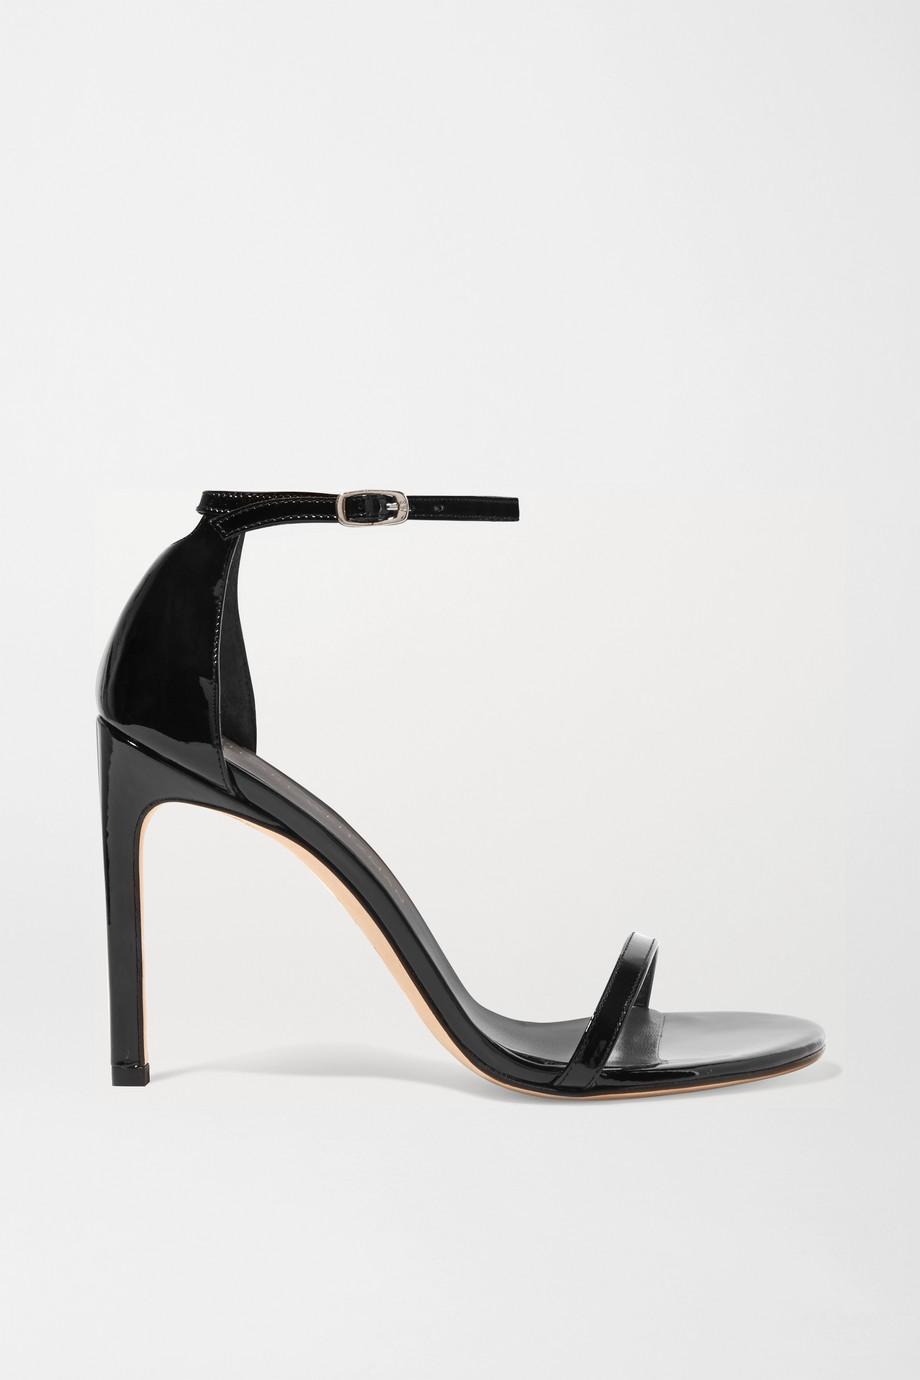 Stuart Weitzman NudistSong 漆皮凉鞋